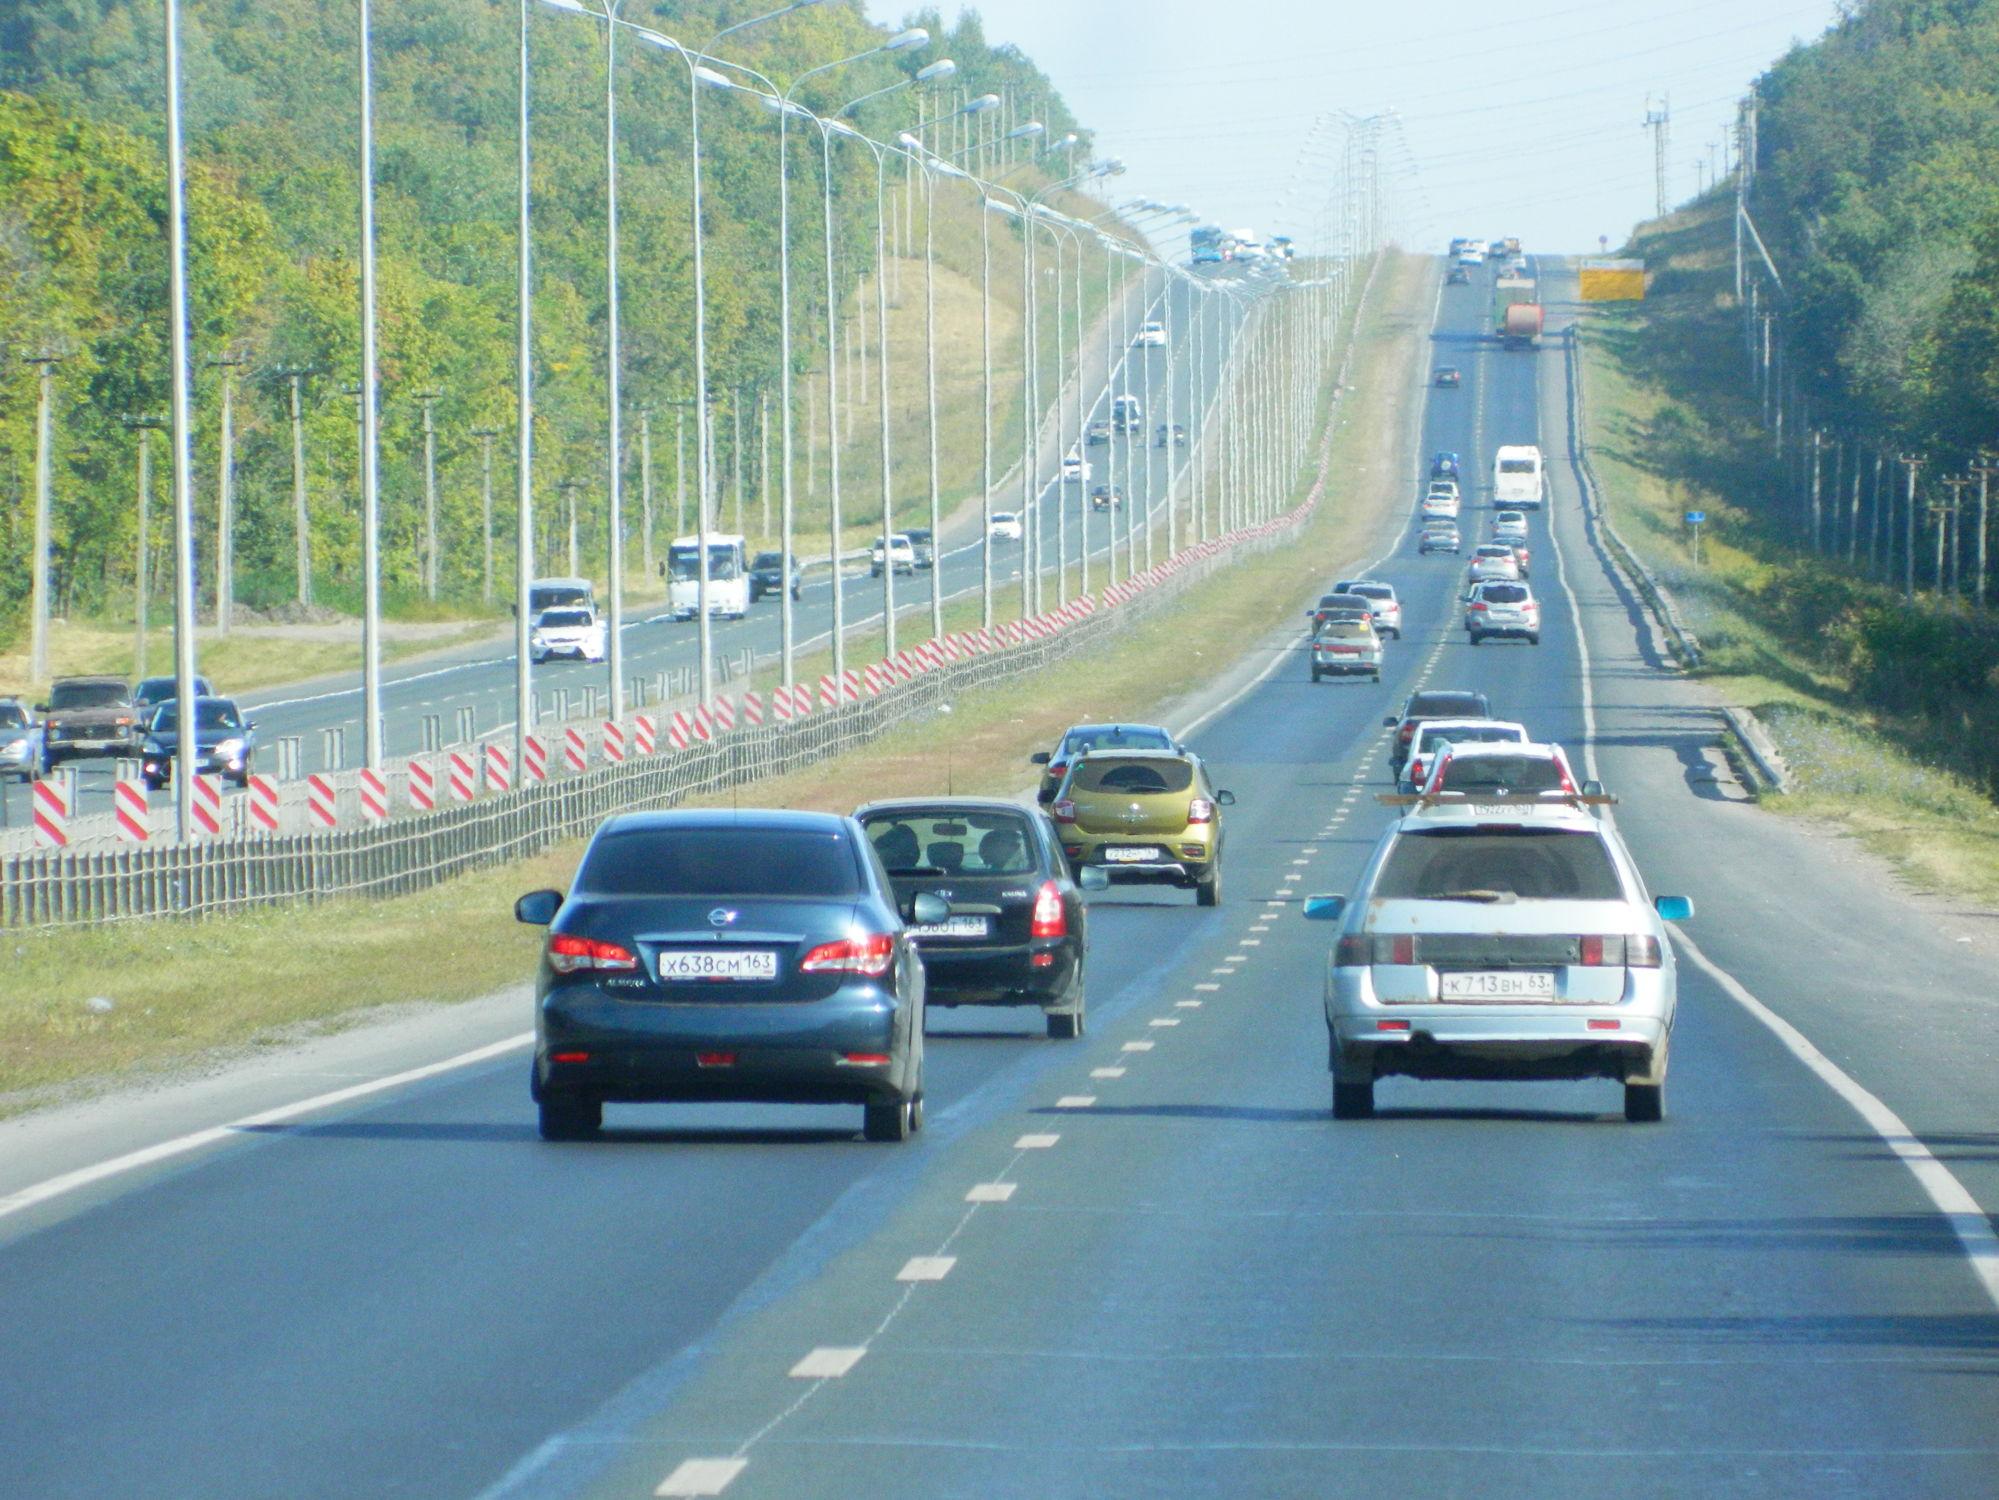 В Тольятти реализация нацпроекта помогла снизить количество аварий на дорогах